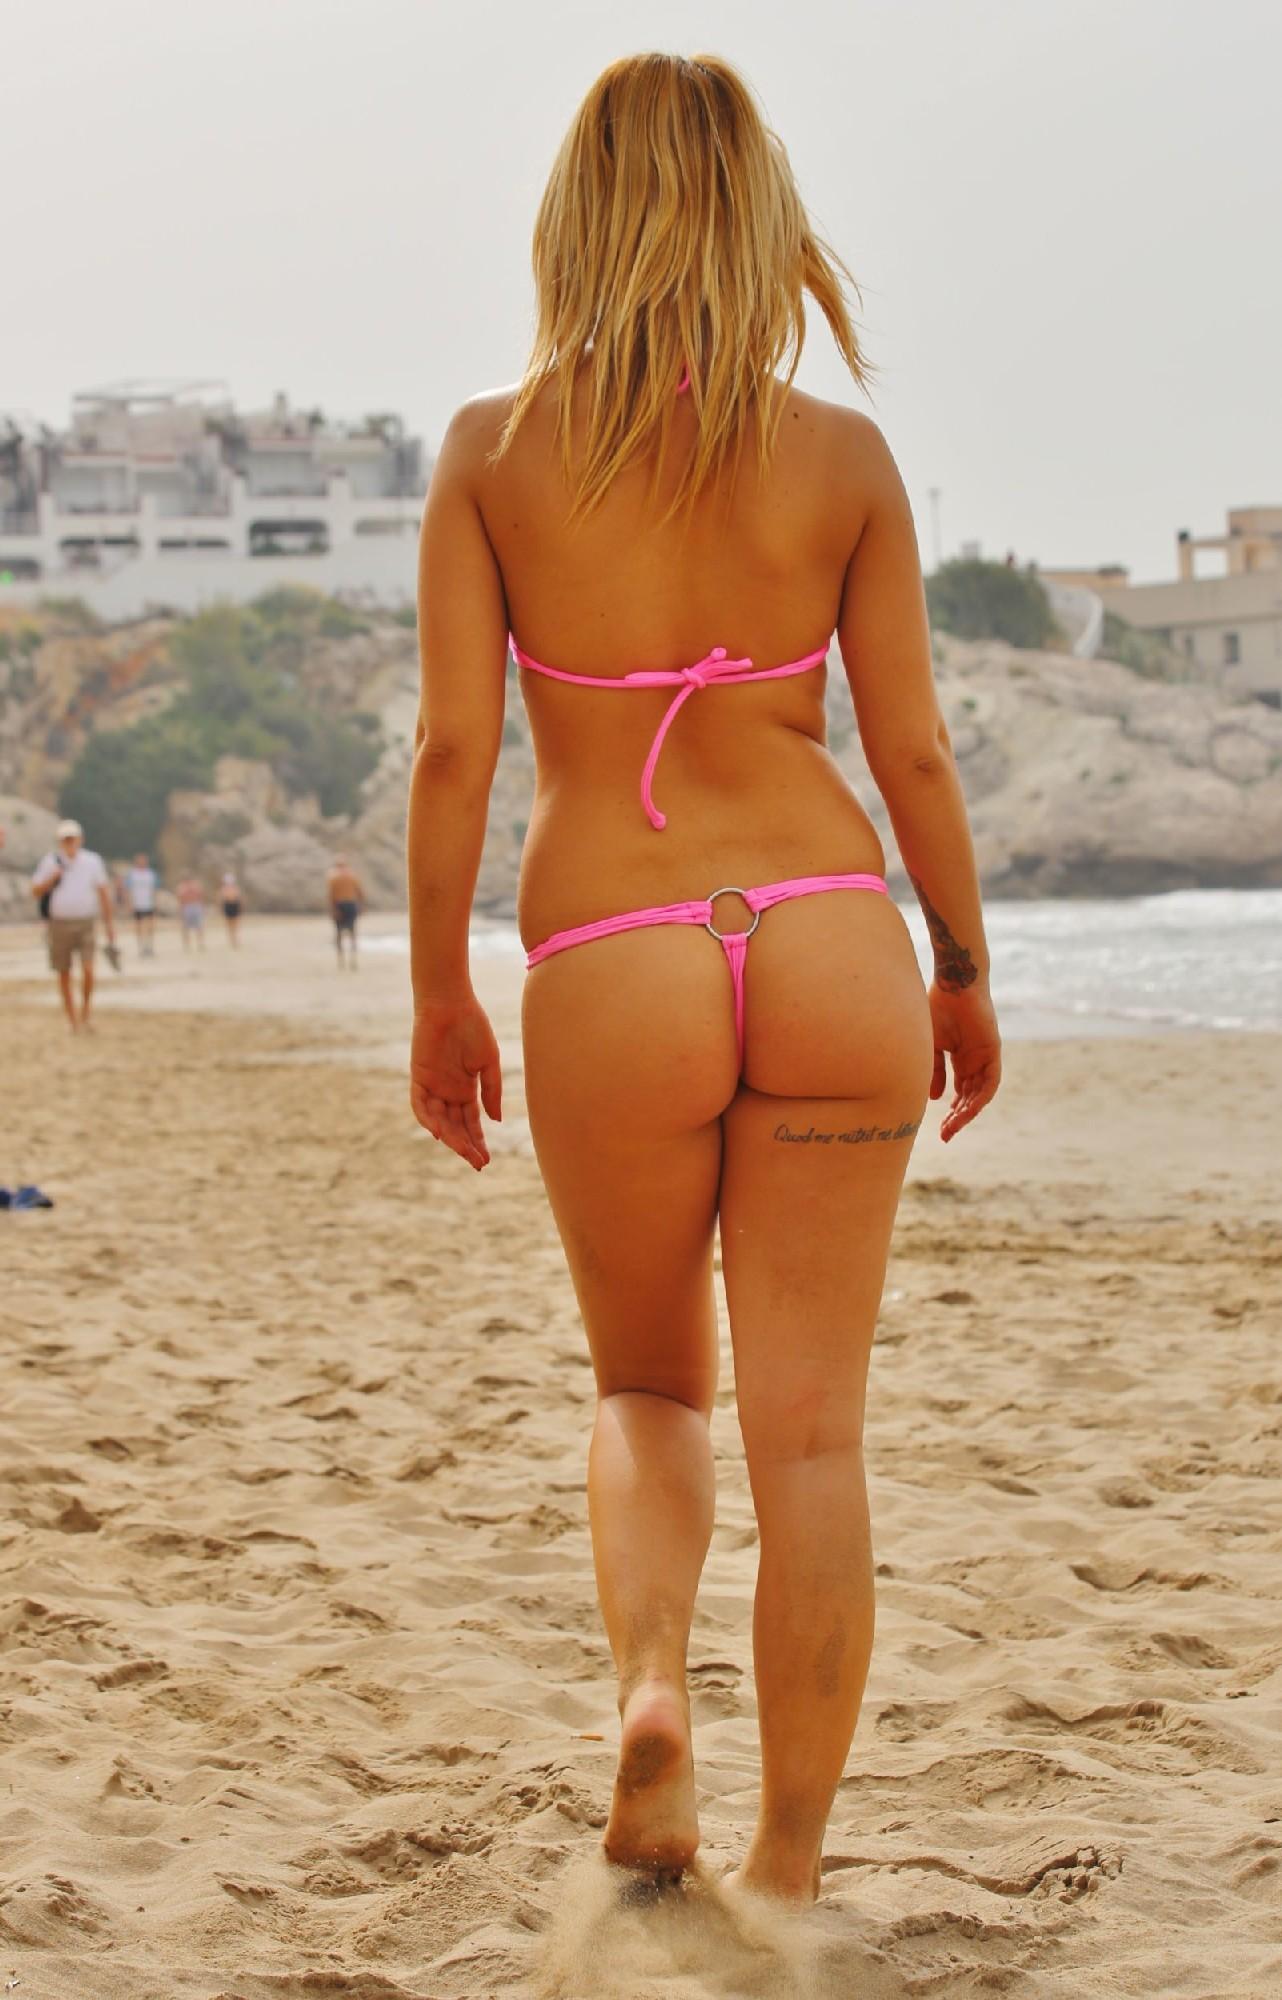 Блондинка на пляже в розовом купальнике раздевается